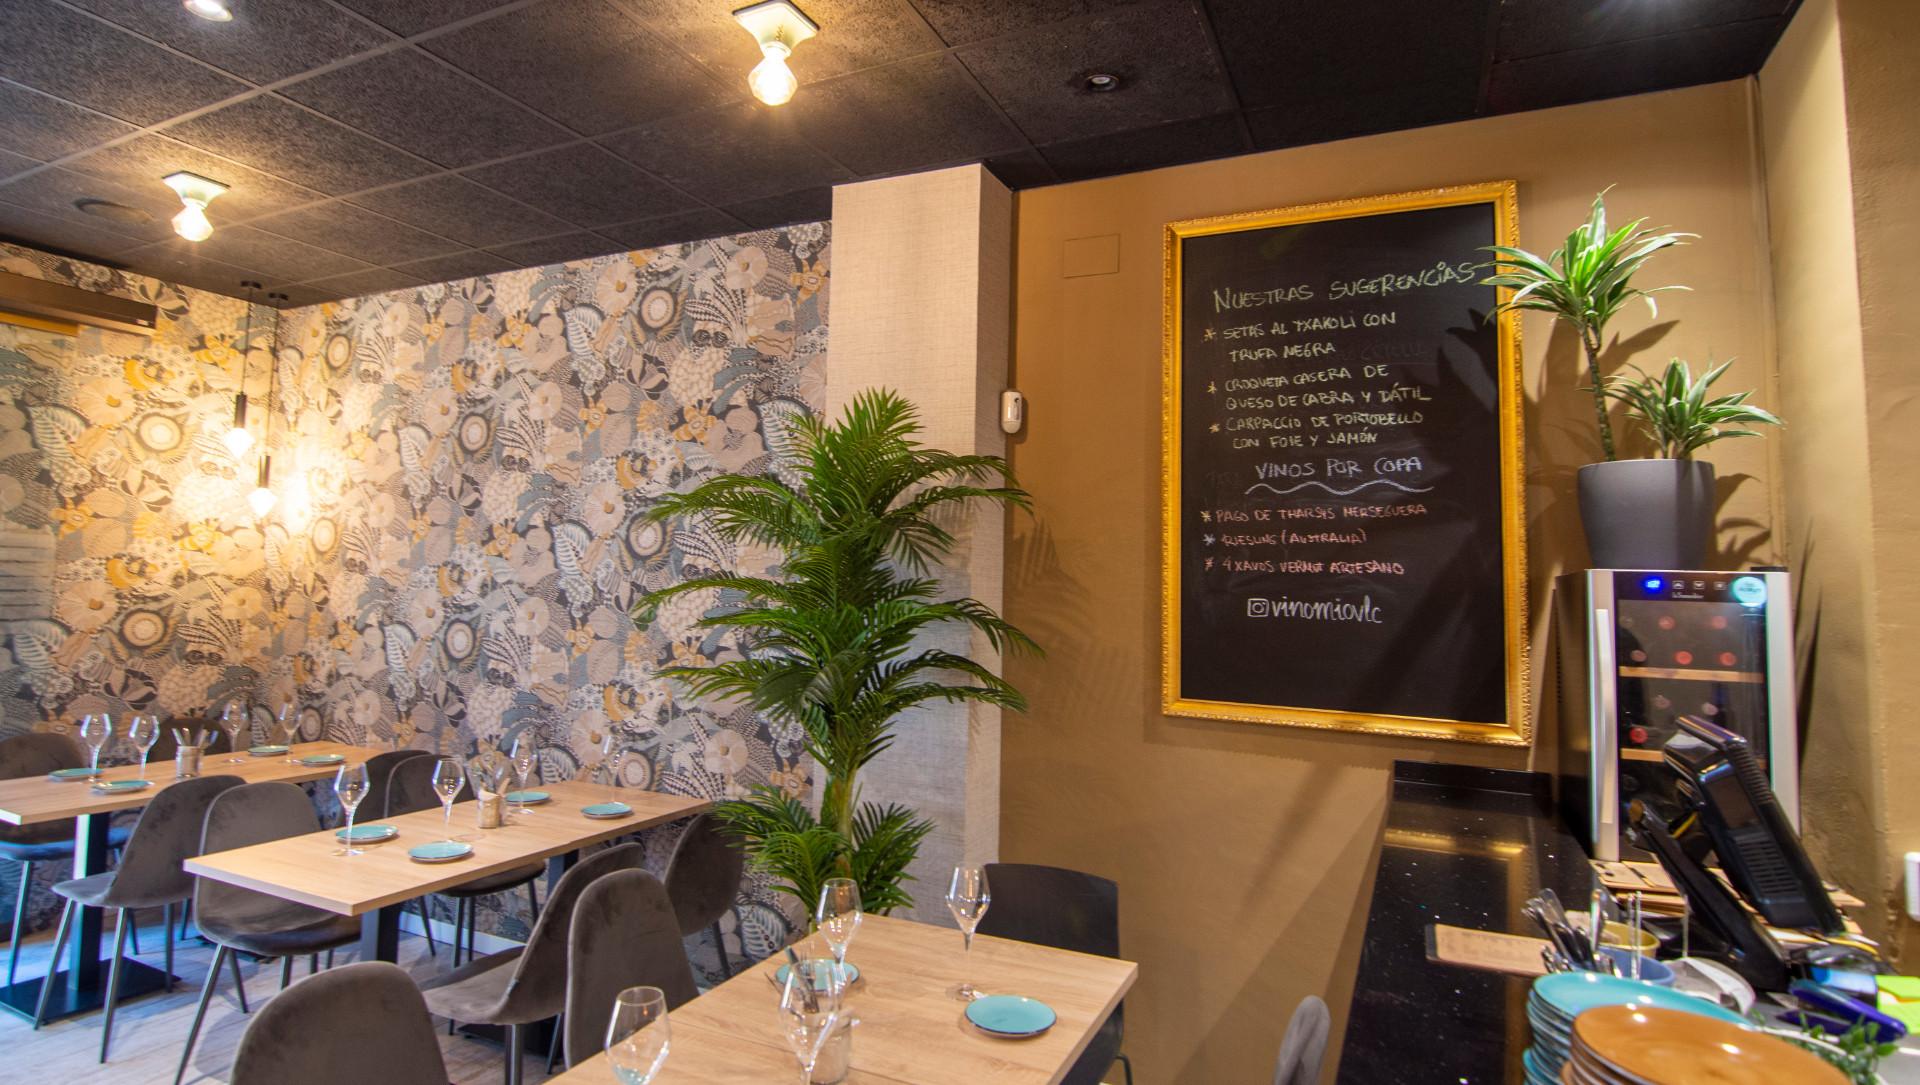 proyectos-interiorismo-interioristas-locales-comerciales-gastronomia-vinotecas-enotecas-restaurantes-bares-vinomio-gastrowine-valencia-10